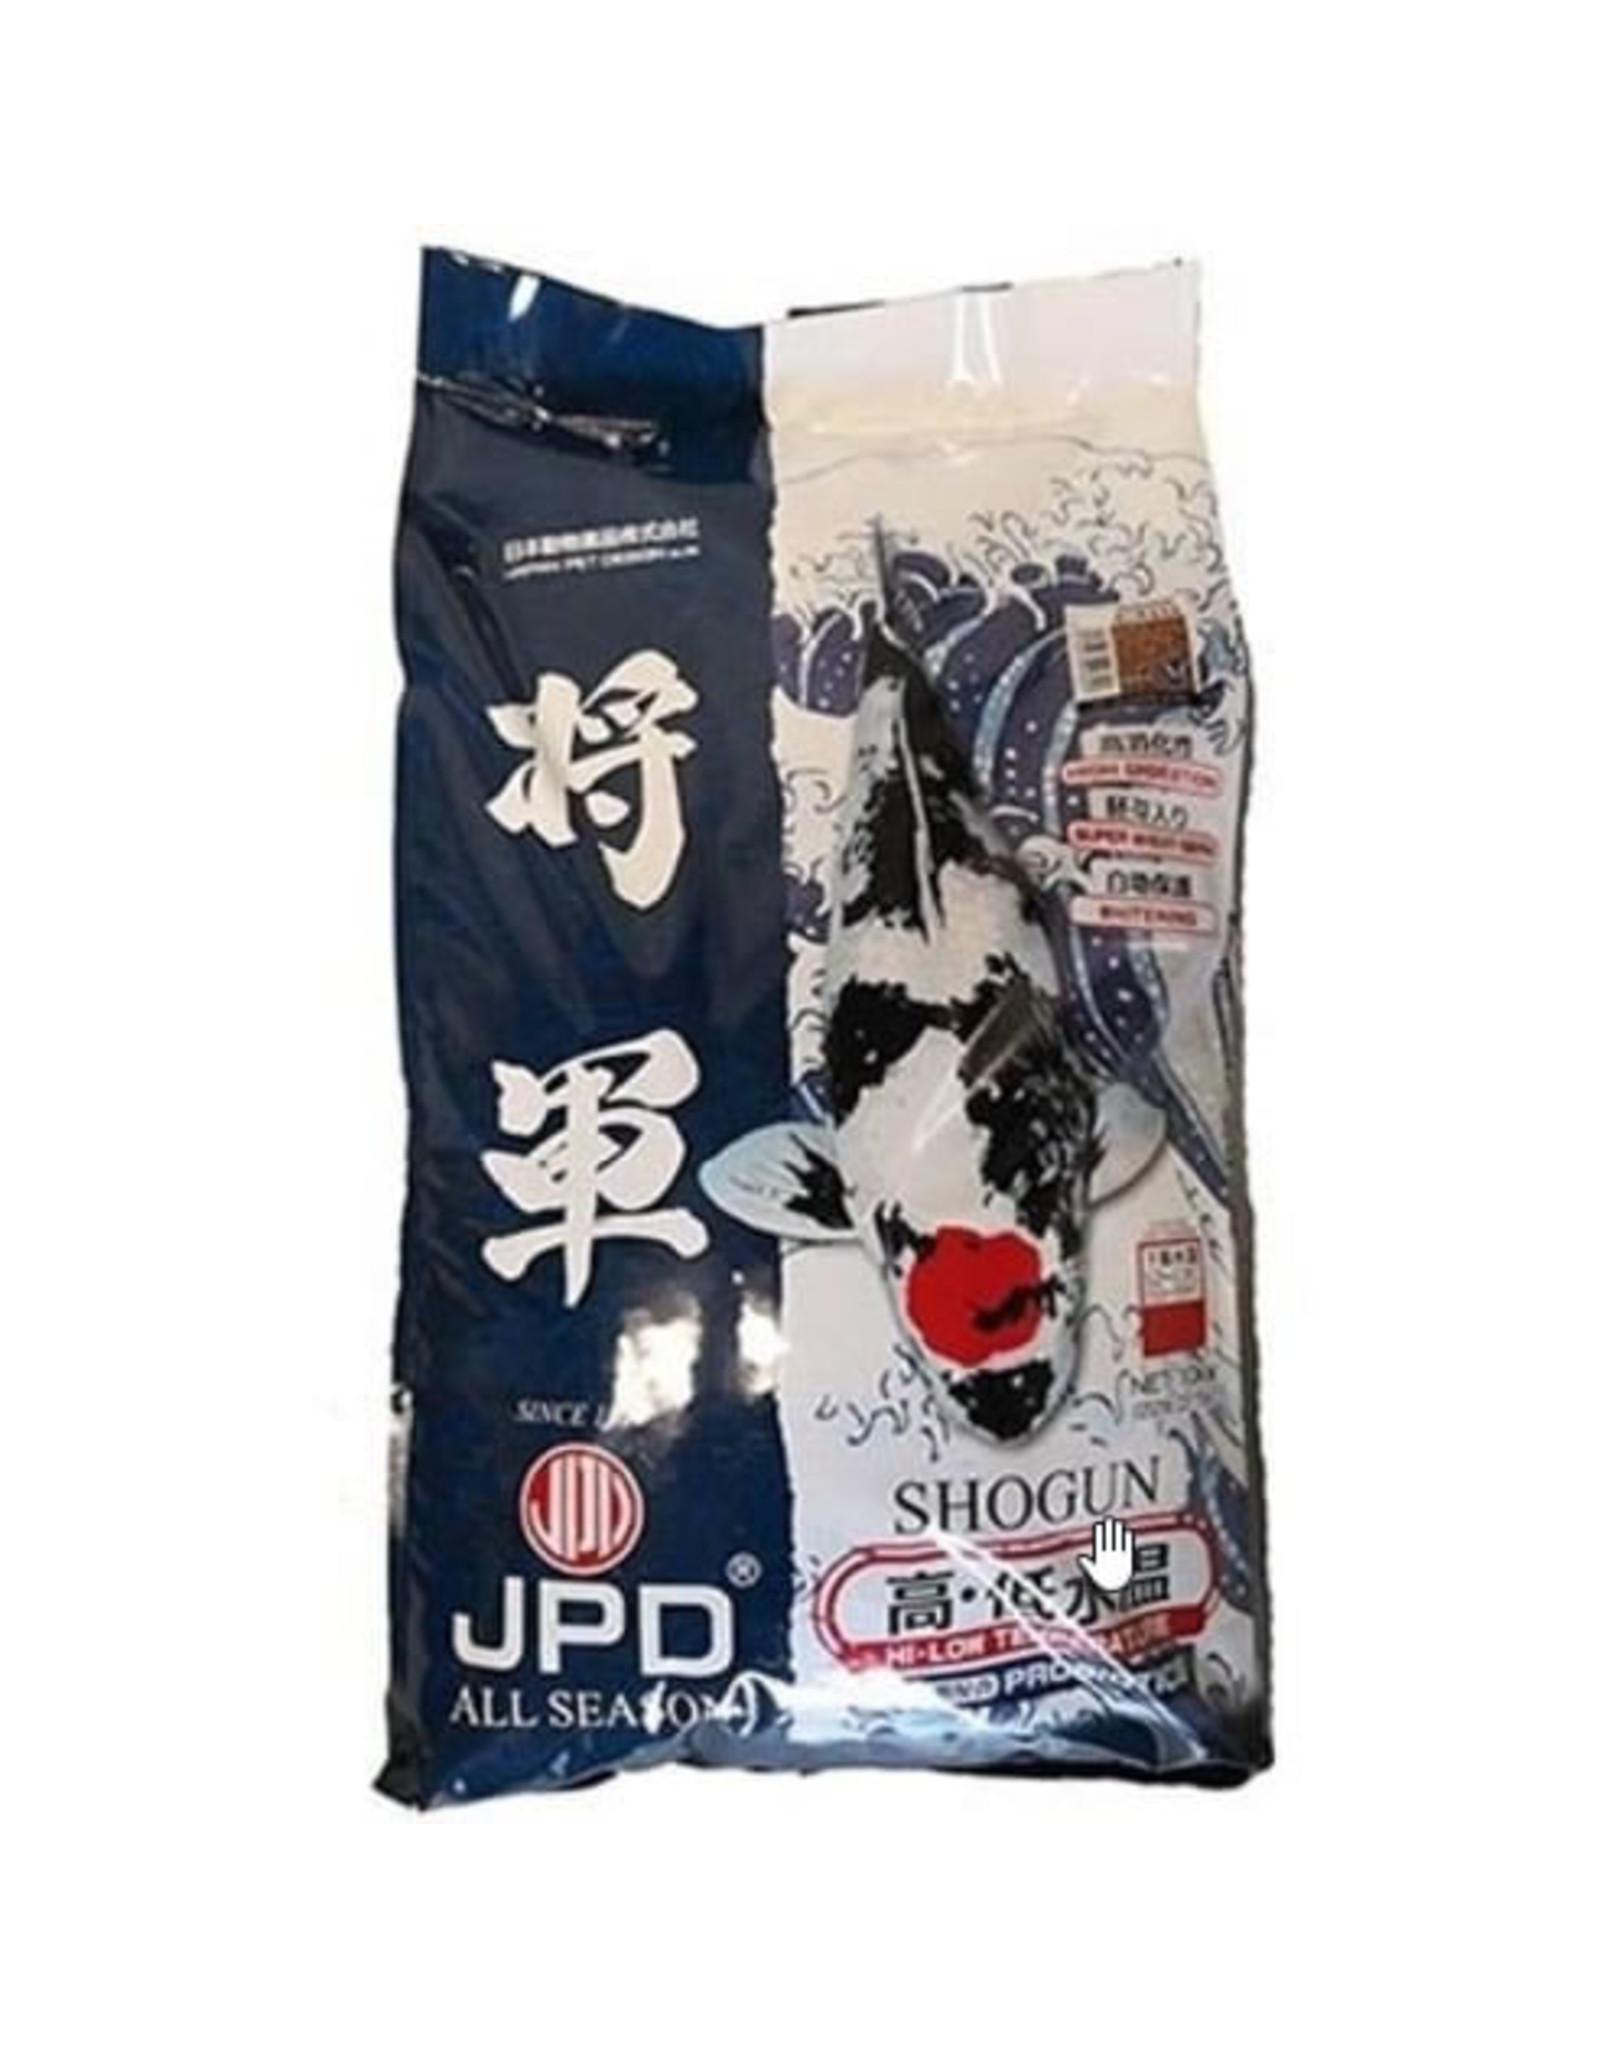 JPD JPD Shogun All Weather Koivoer